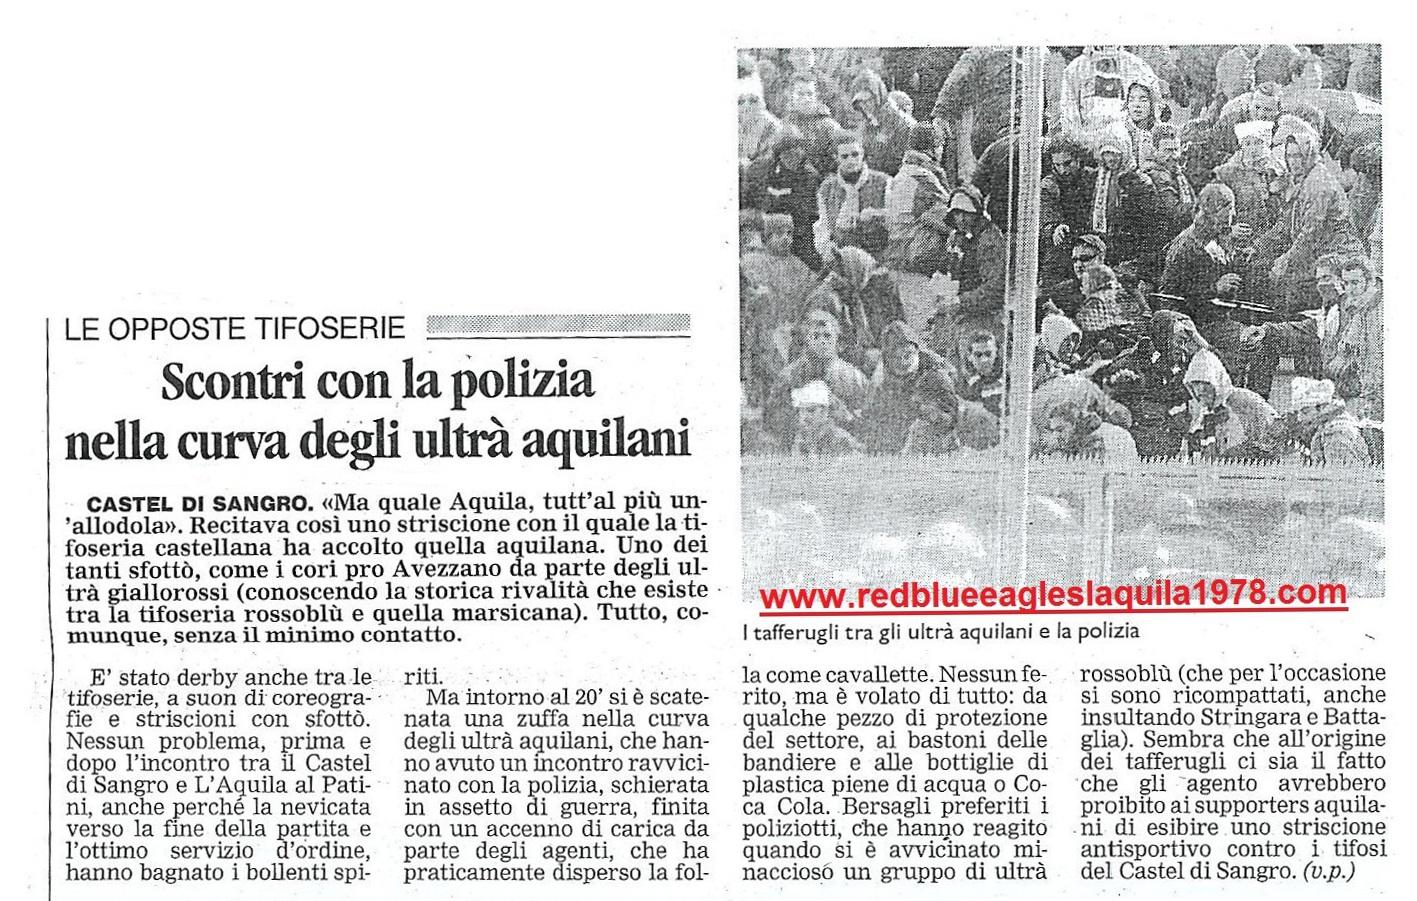 Scontri dentro il settore ospiti con la celere in Castel di Sangro-L'Aquila 22-04-2001 serie C1